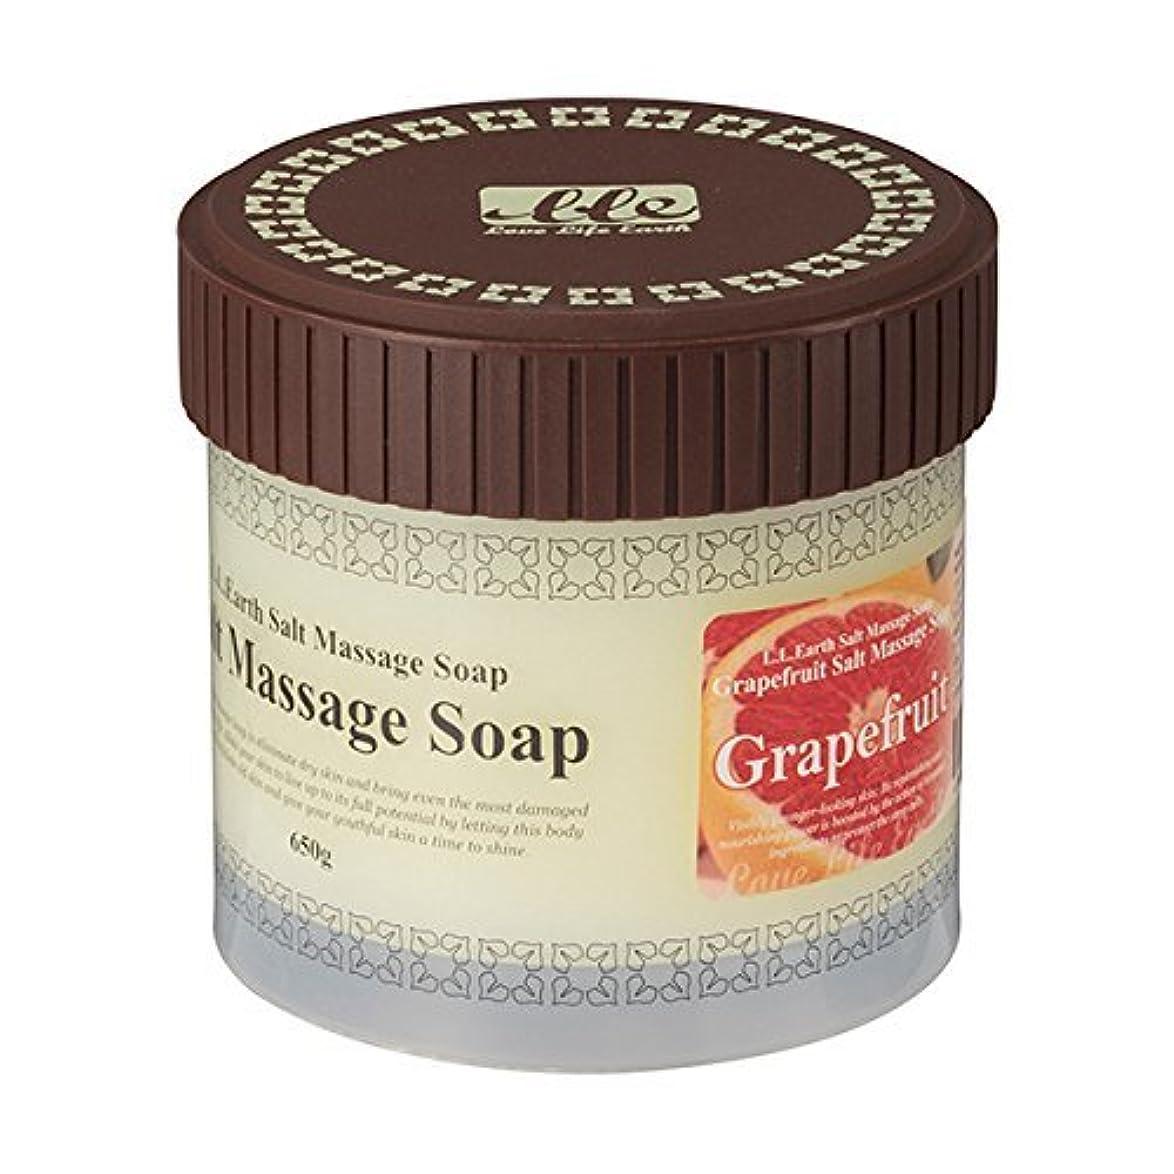 浸したどれでもバストLLE 業務用 ソルトマッサージソープ 650g [選べる香り5種類] ( ボディ用 スクラブ ) グレープフルーツ